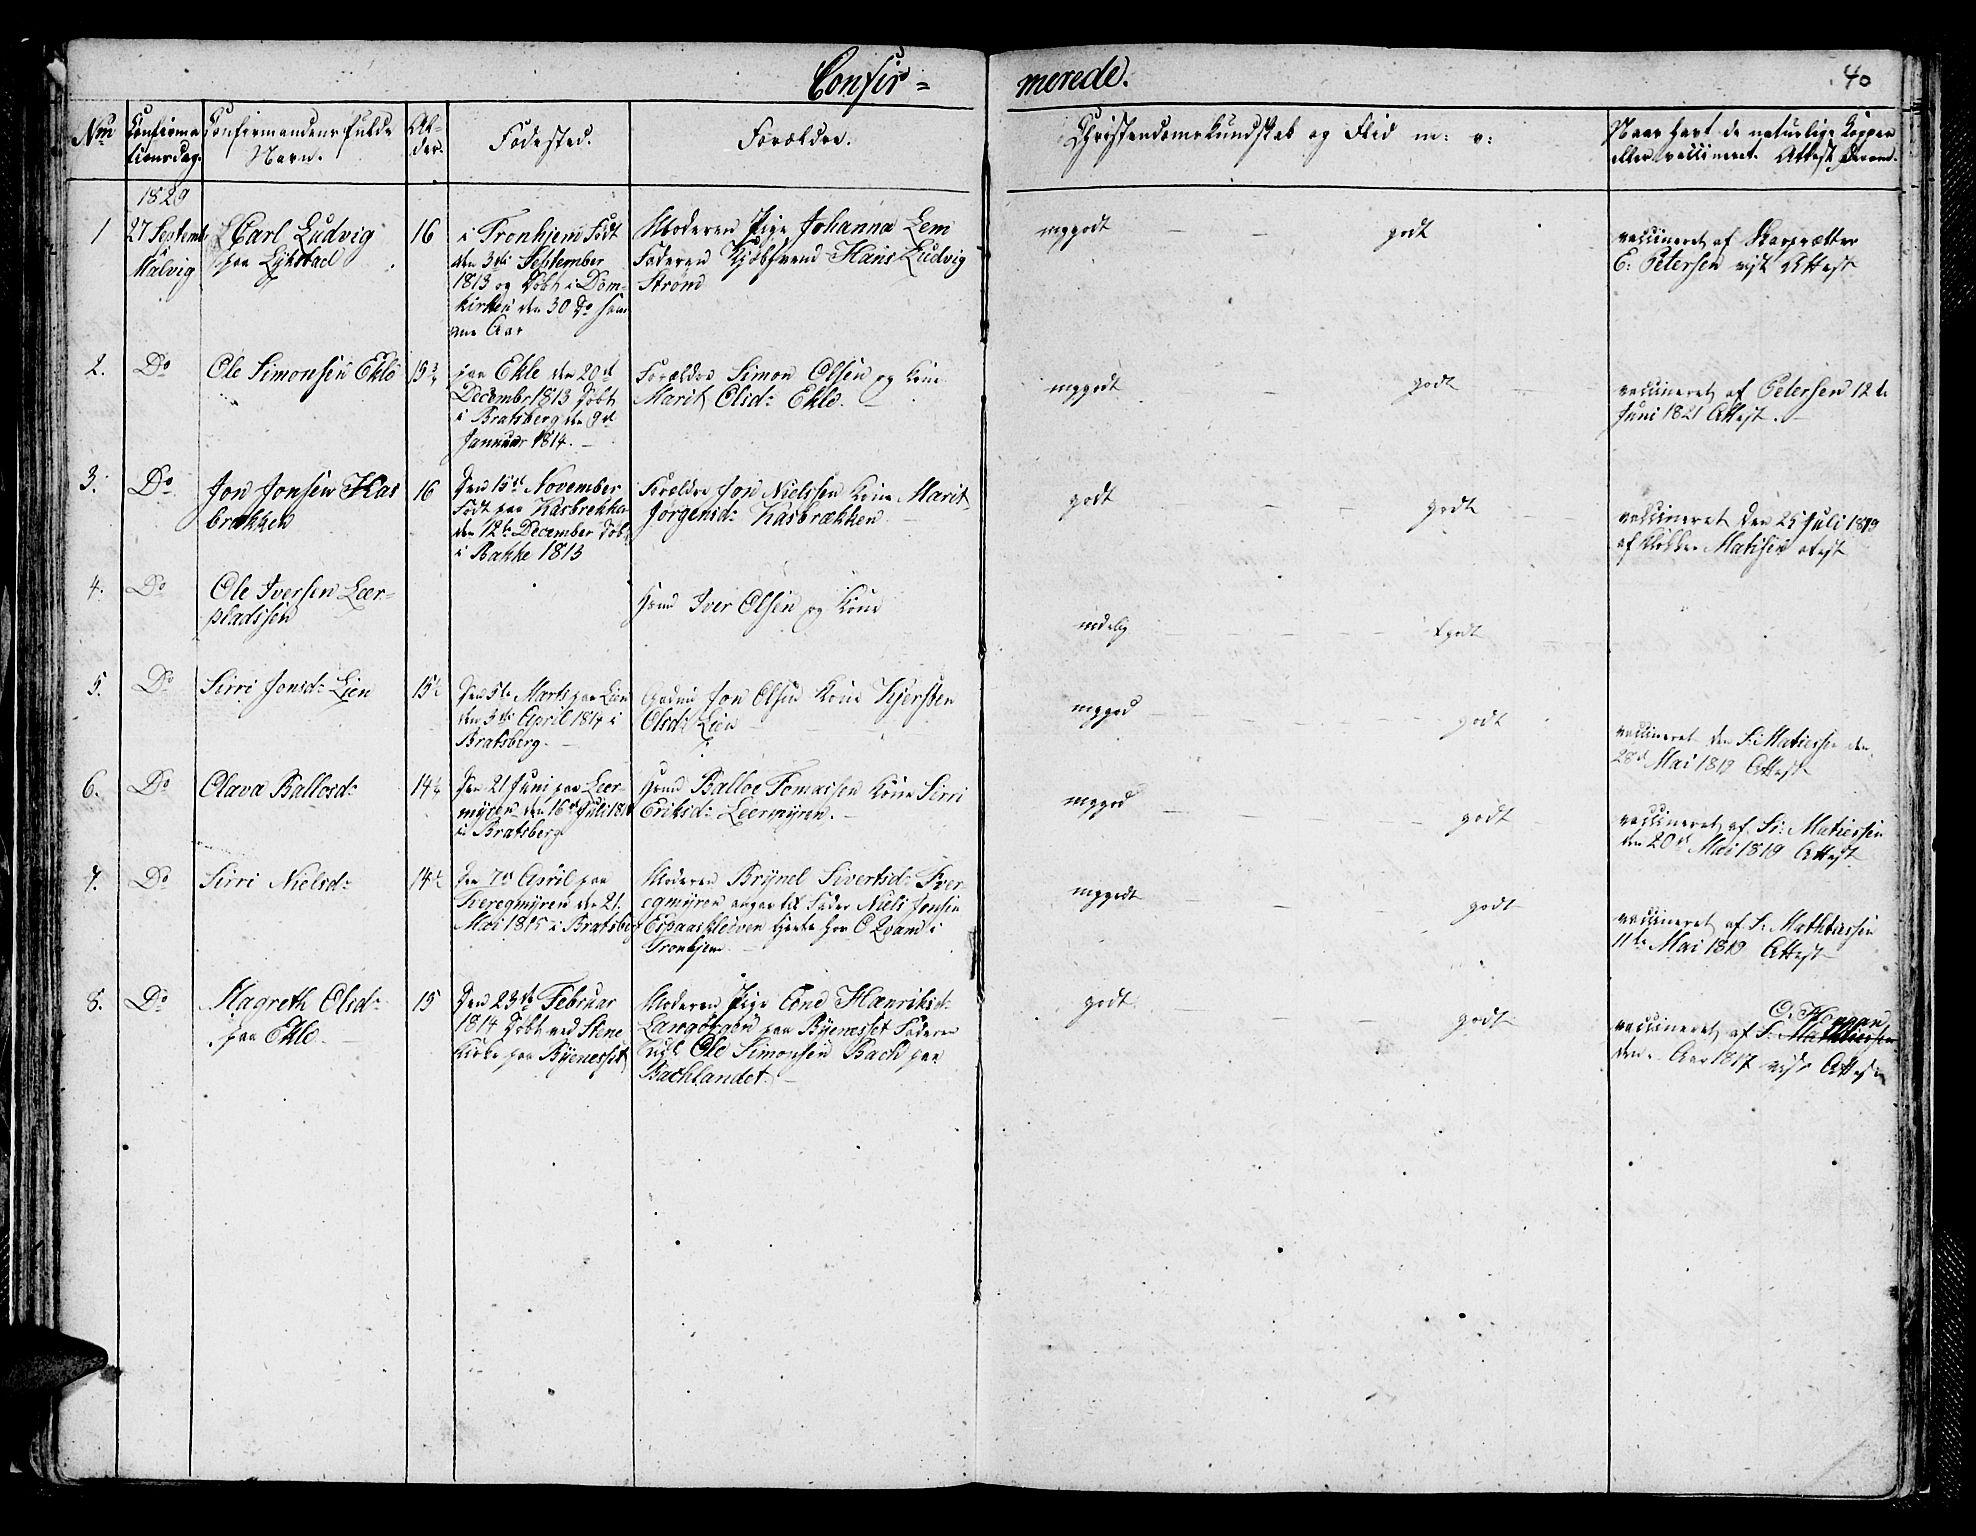 SAT, Ministerialprotokoller, klokkerbøker og fødselsregistre - Sør-Trøndelag, 608/L0337: Klokkerbok nr. 608C03, 1821-1831, s. 40